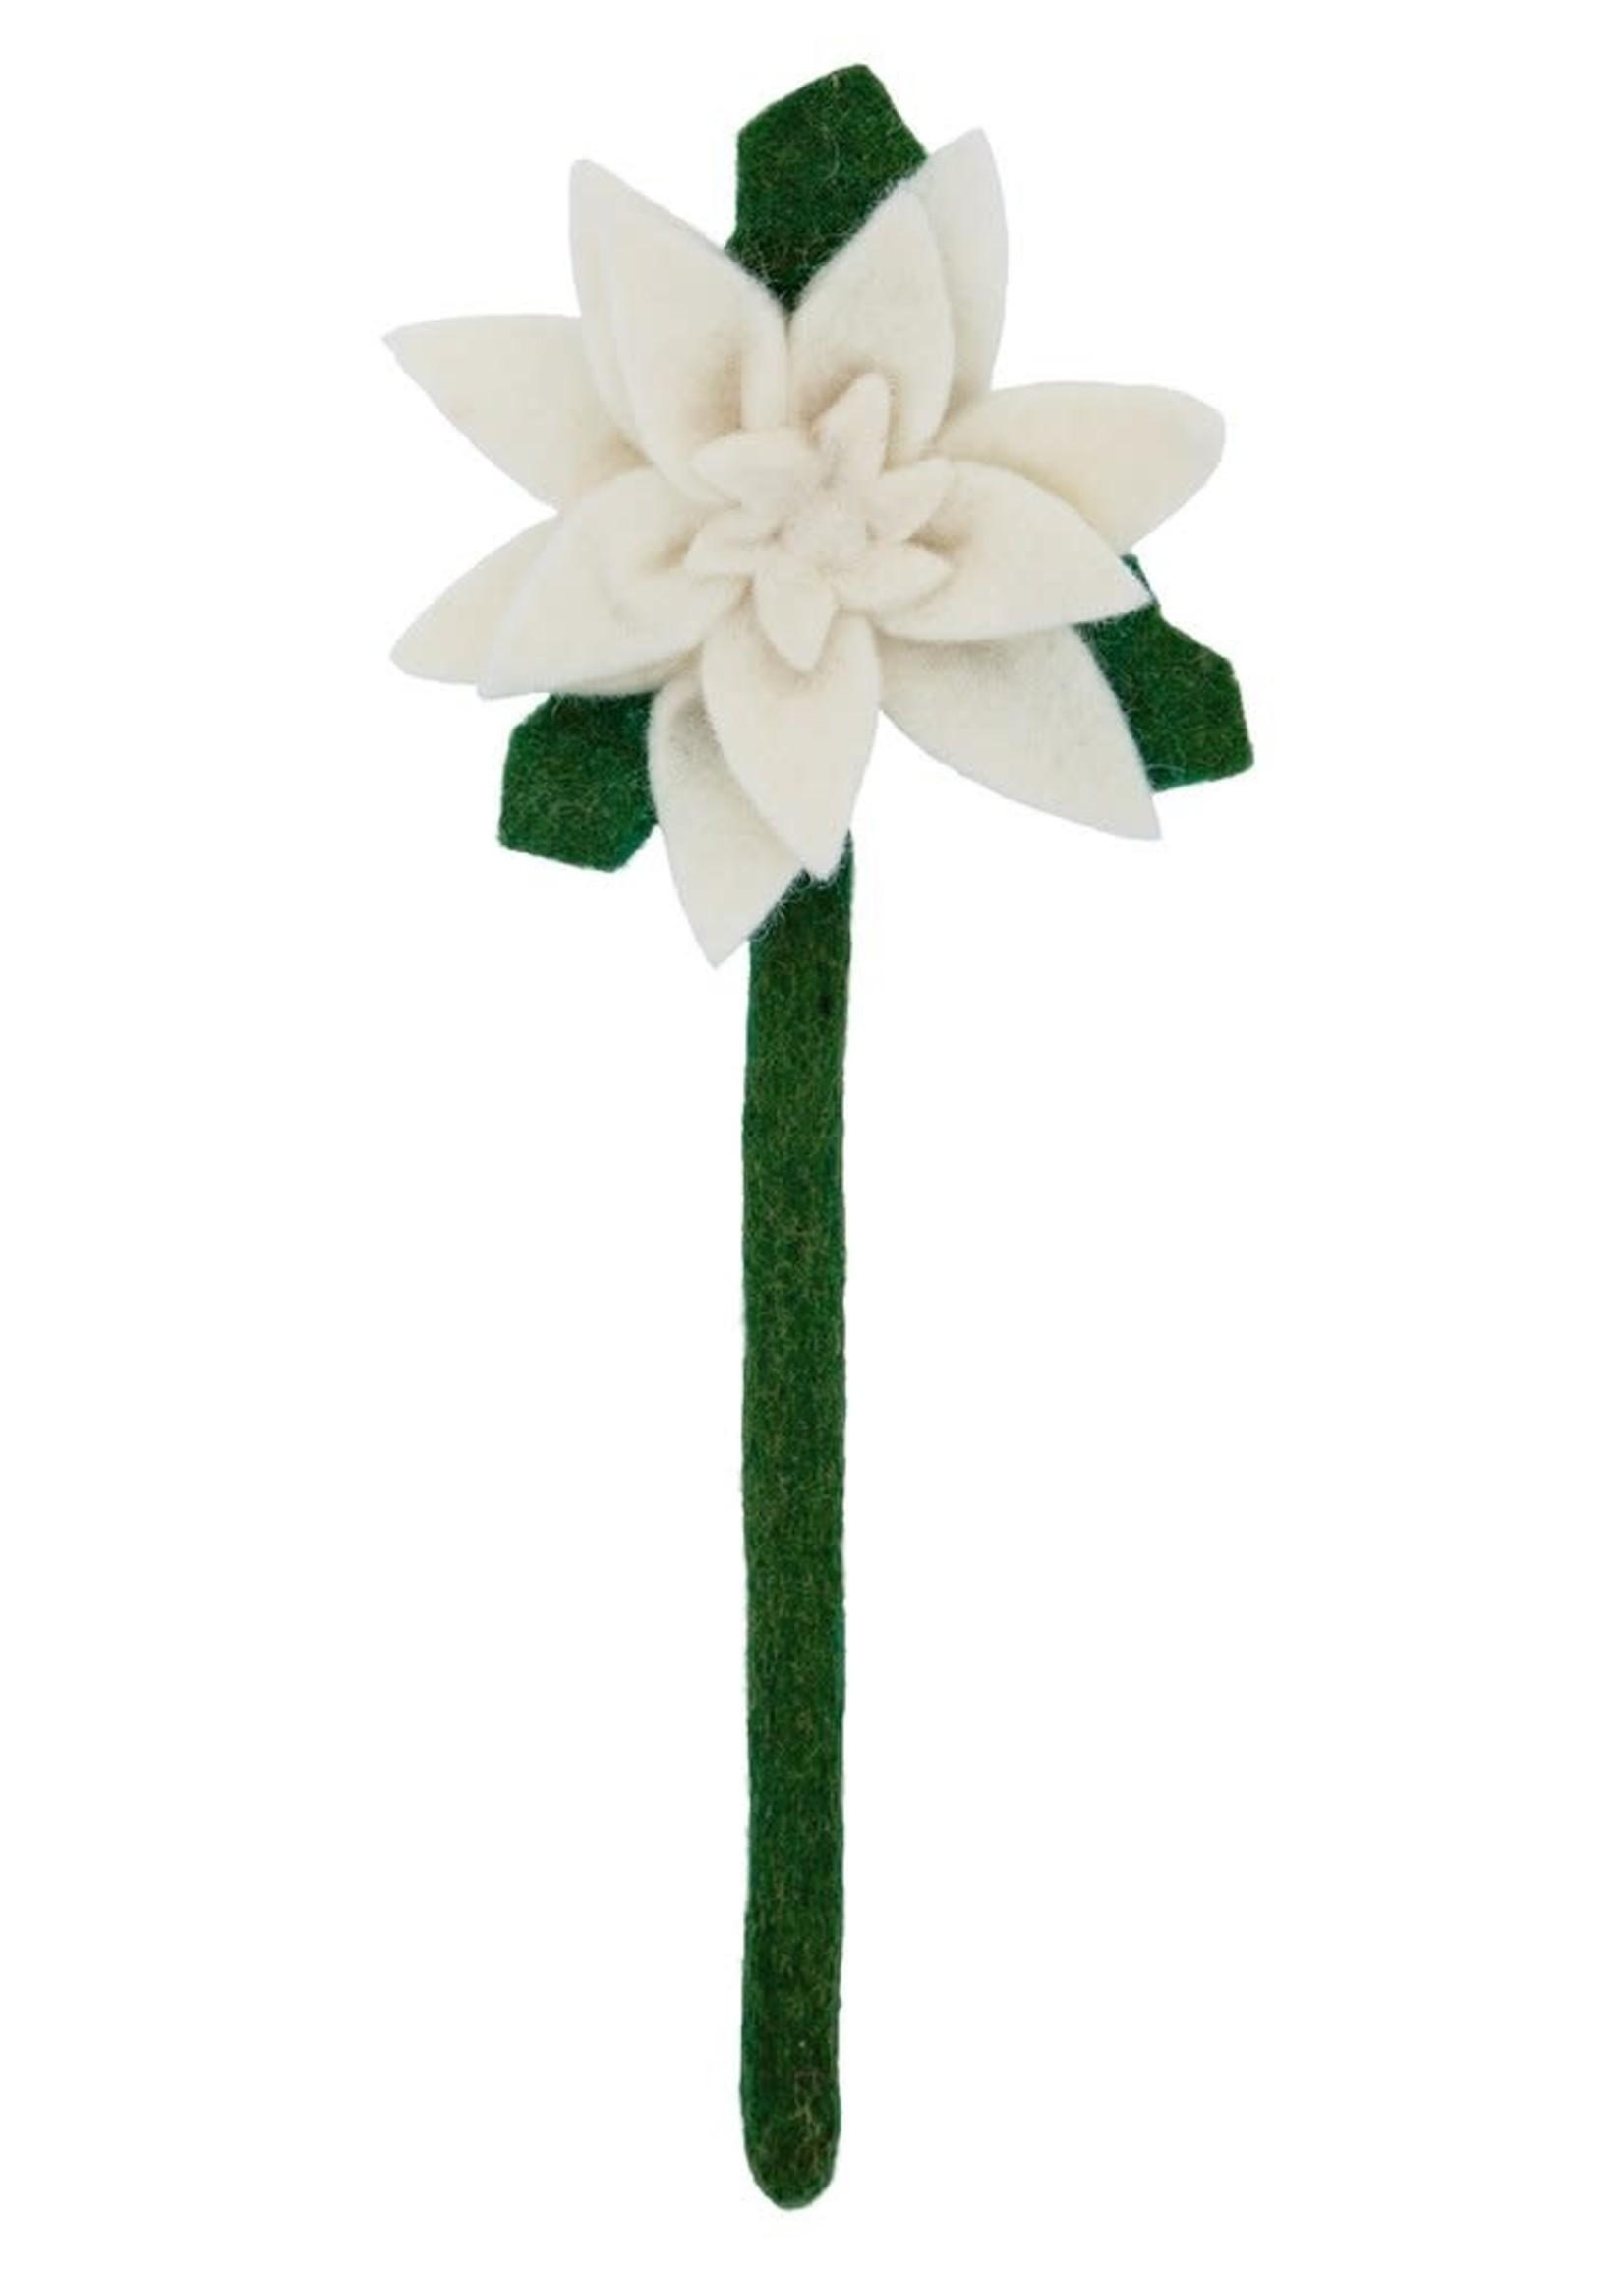 Global Goods Partners Felt Poinsettia Flower